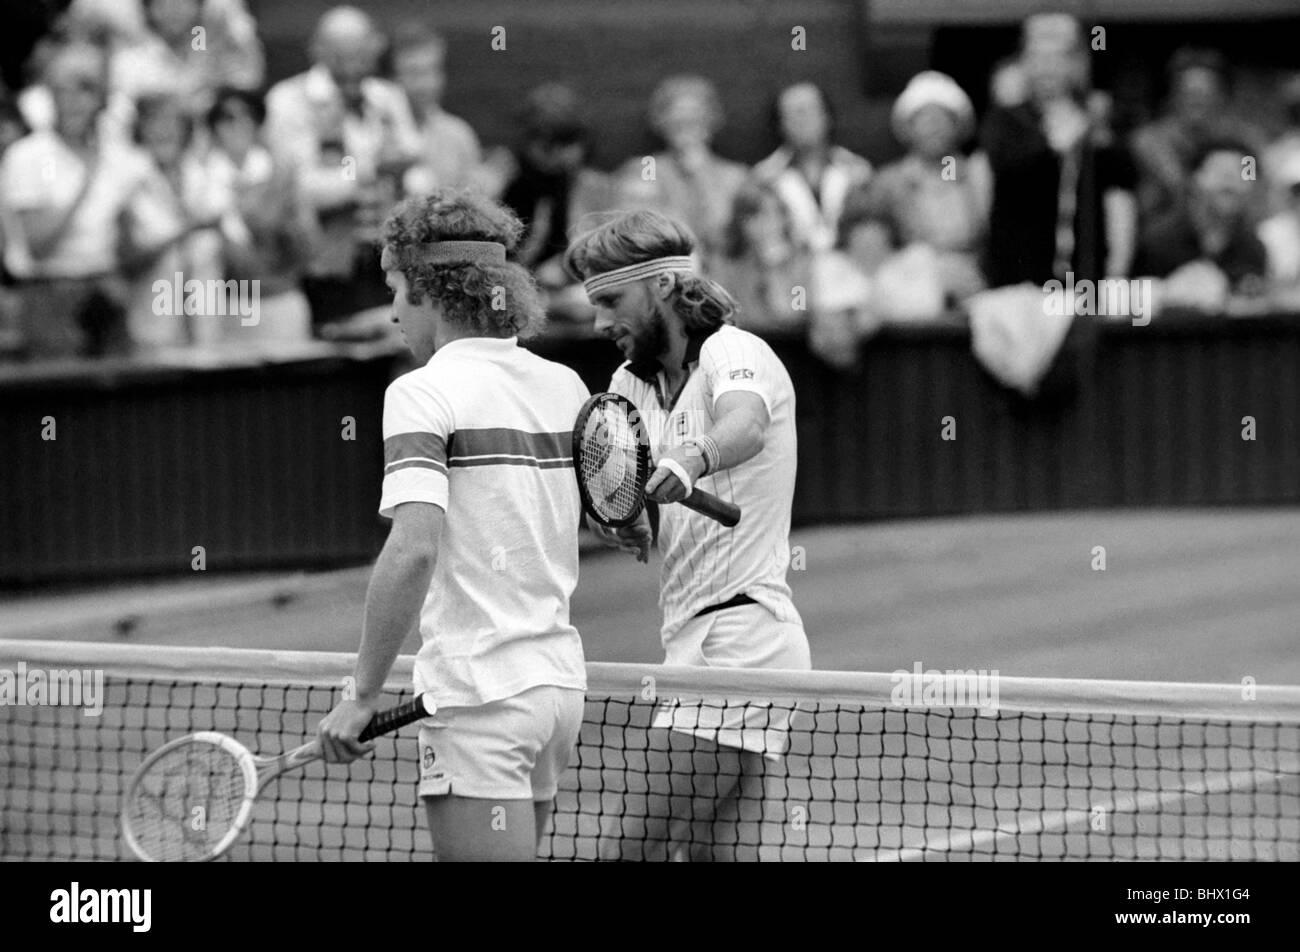 7bb42d8f9cea Wimbledon Tennis  Men s Finals 1981  Bjorn Borg congratulates John McEnroe  after losing to him